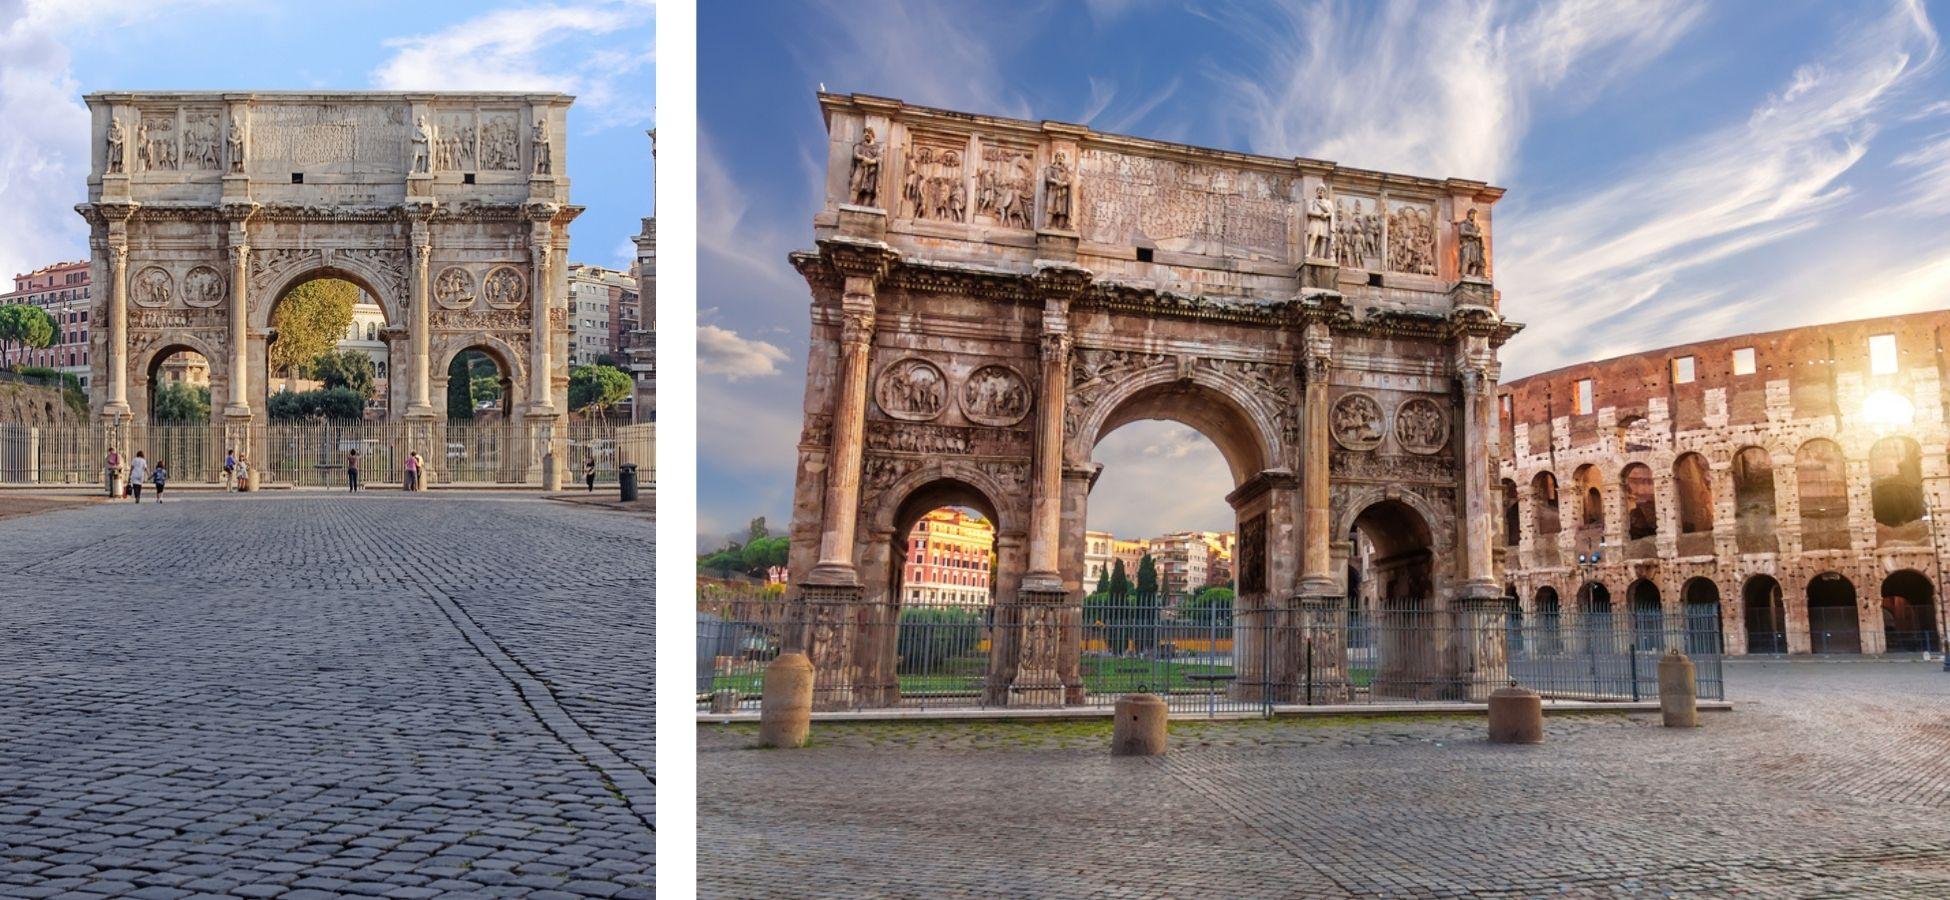 Arc Constantin - sites archéologiques italie